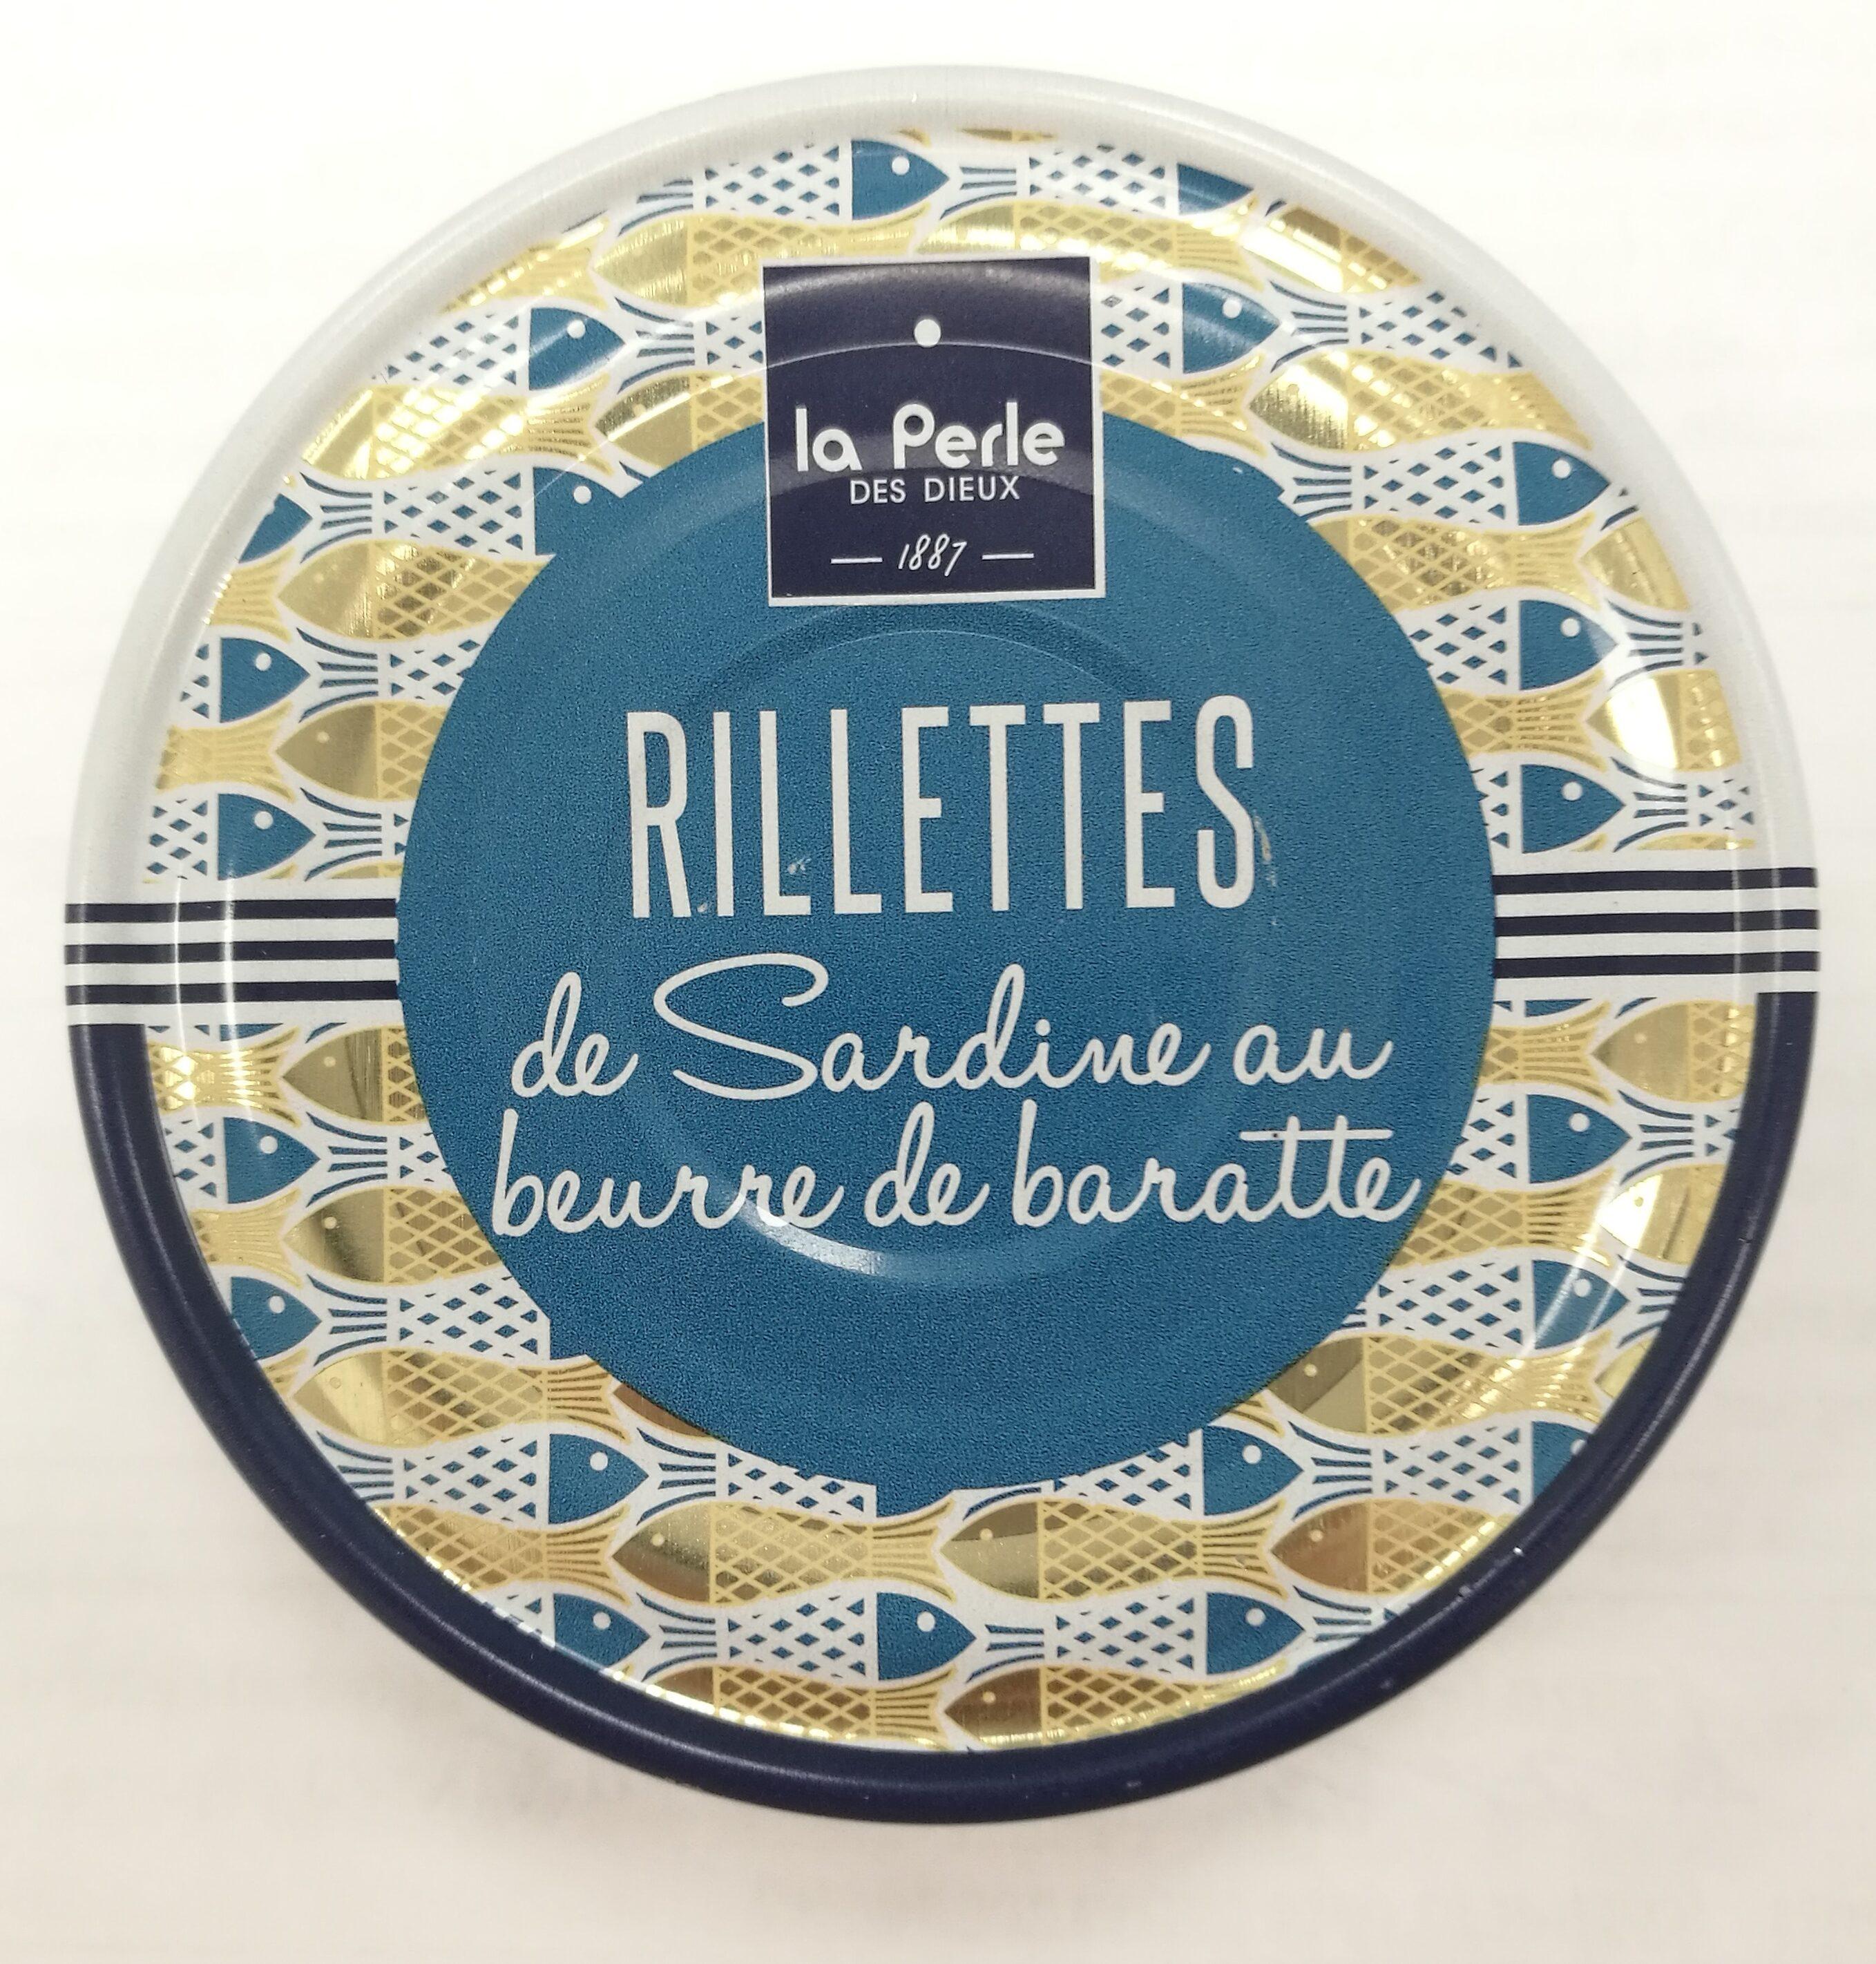 Rillettes de sardine au beurre de baratte - Produit - fr